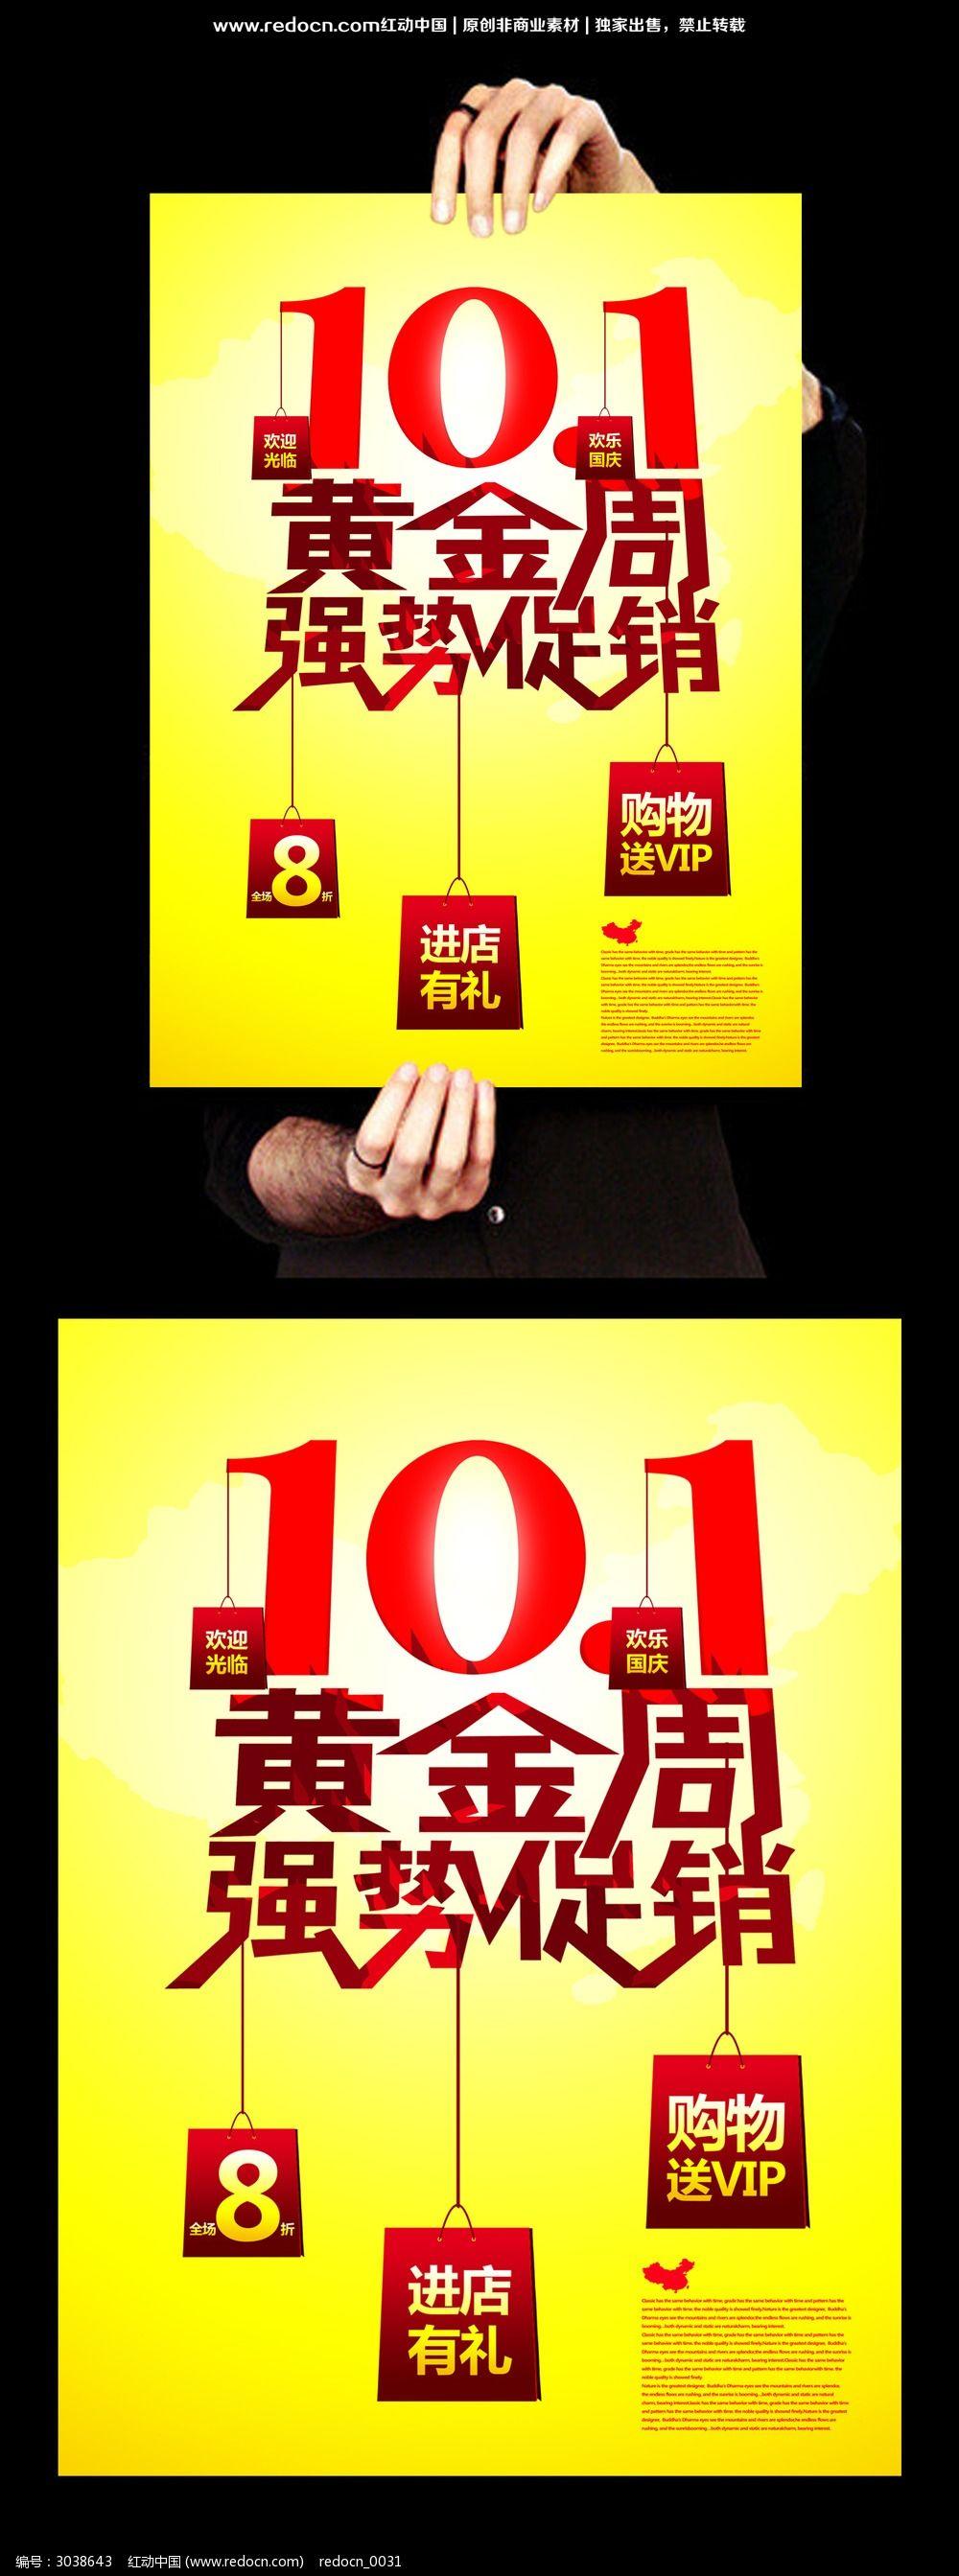 10.1黄金 周国庆 促销海报 节日素材 图片 素材高清图片